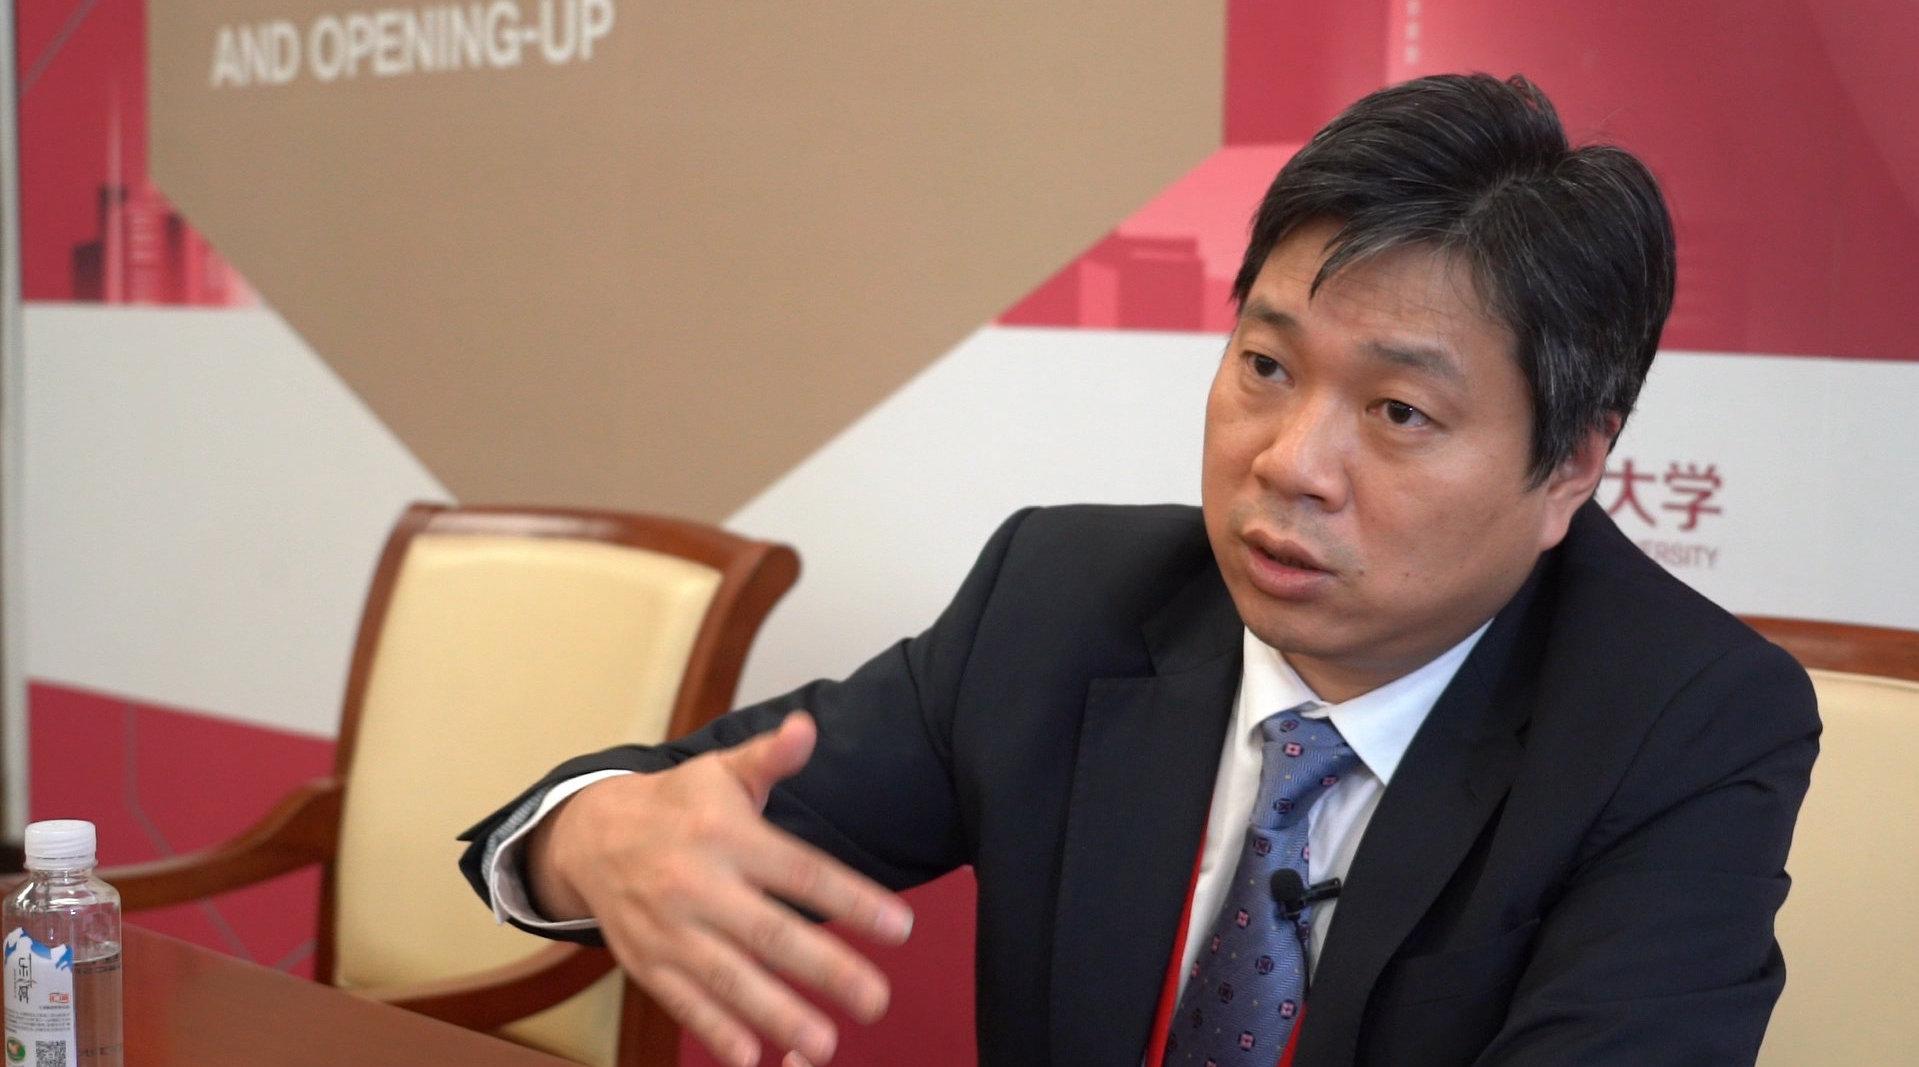 朱海斌:怎么样解决小微企业金融难的问题